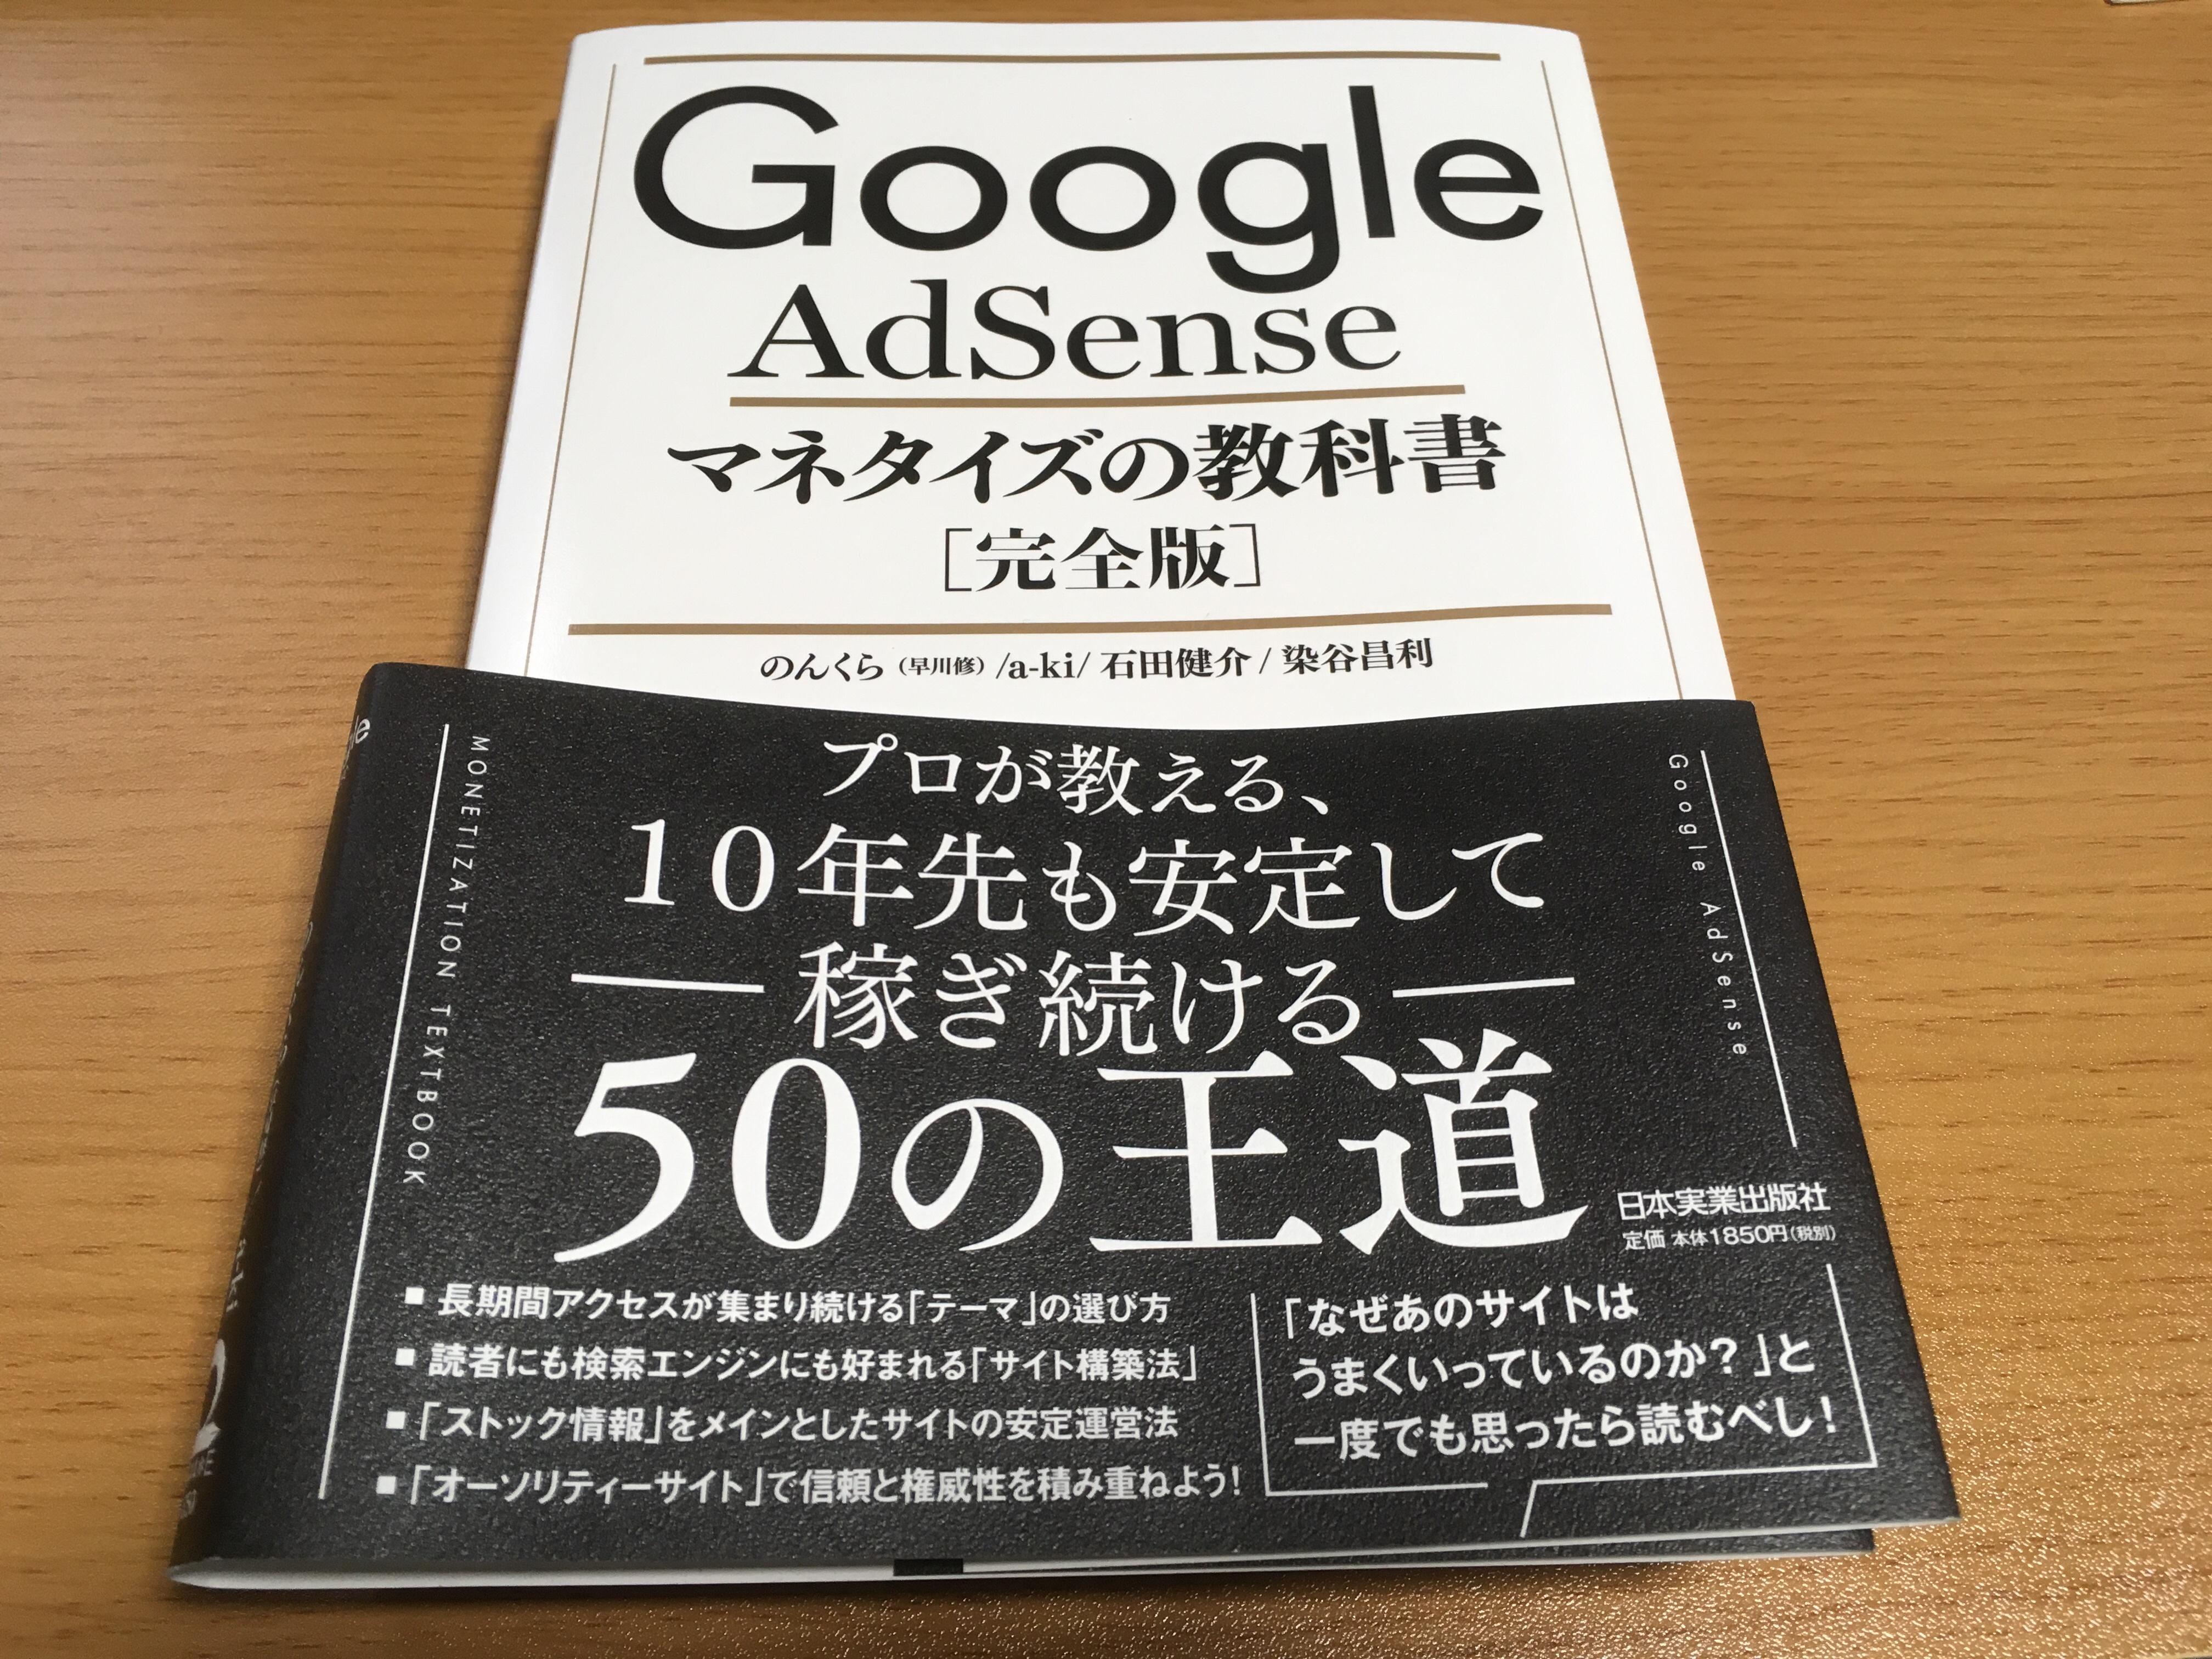 GoogleAdSenseマネタイズの教科書